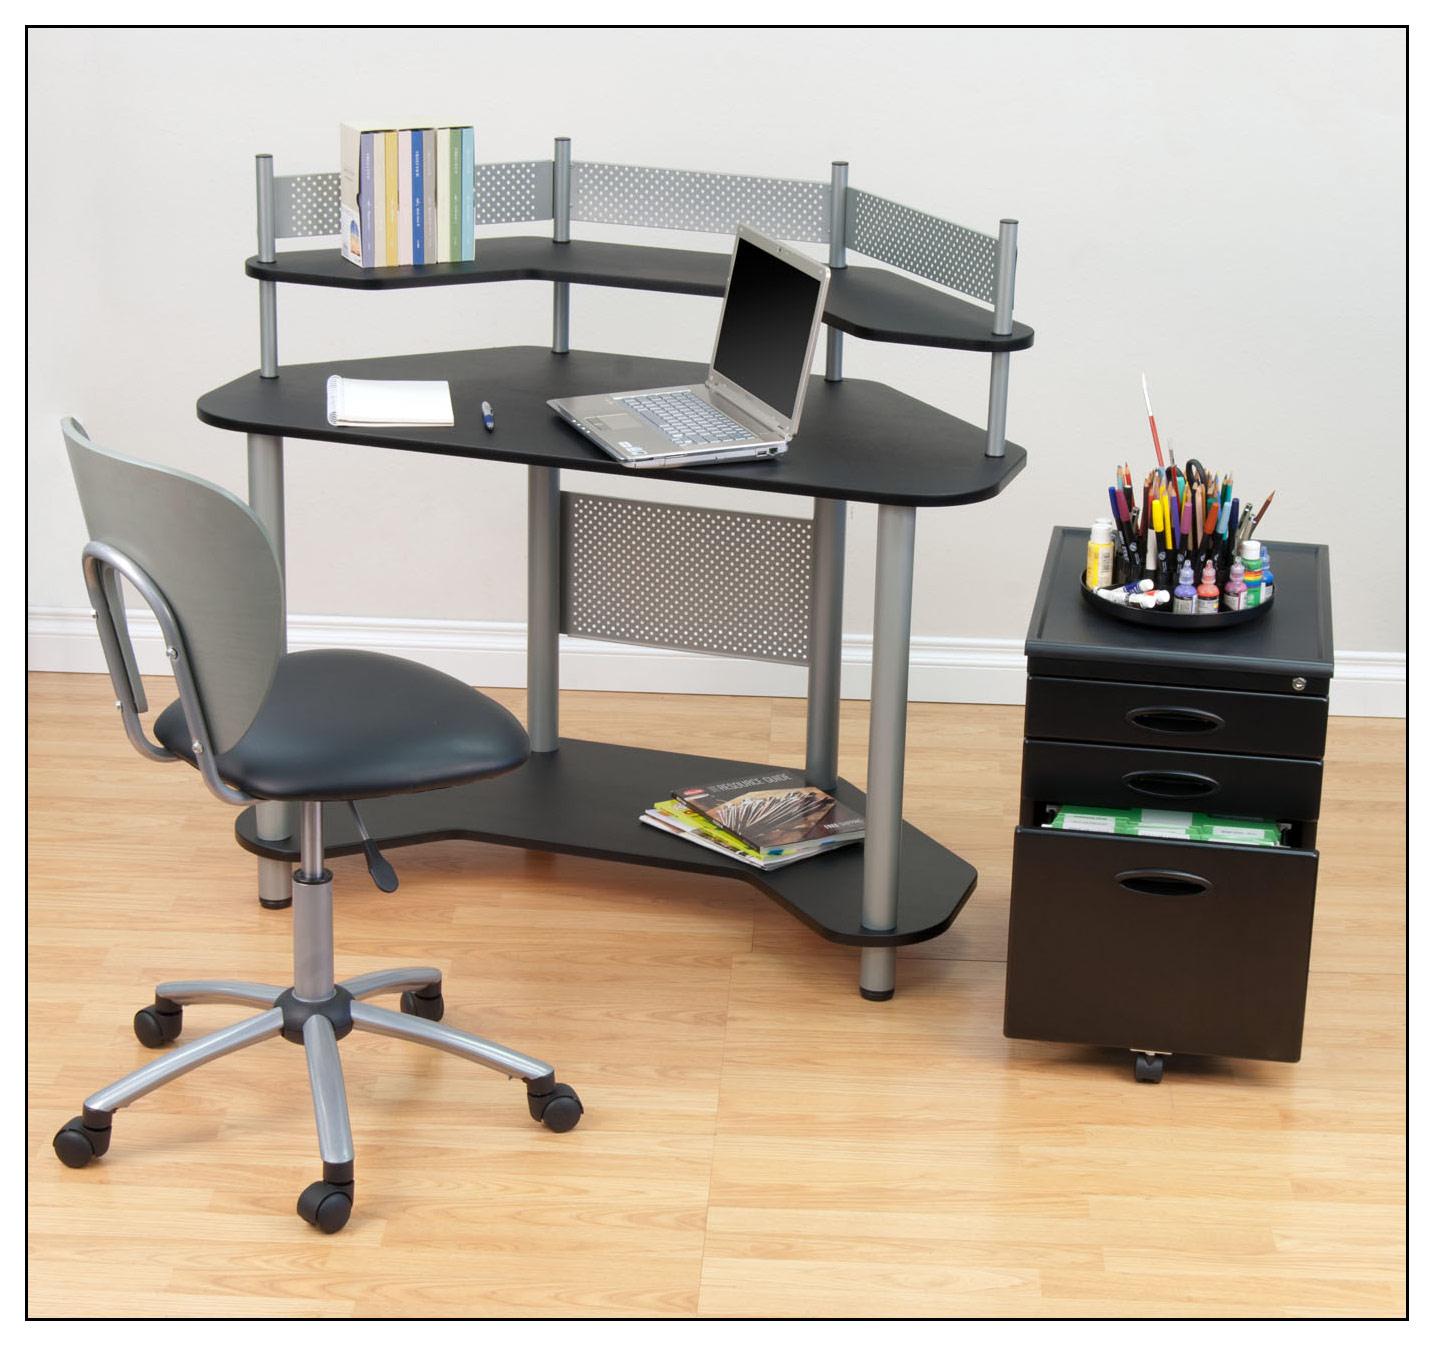 Calico Designs - Study Corner Computer Desk - Silver/Black